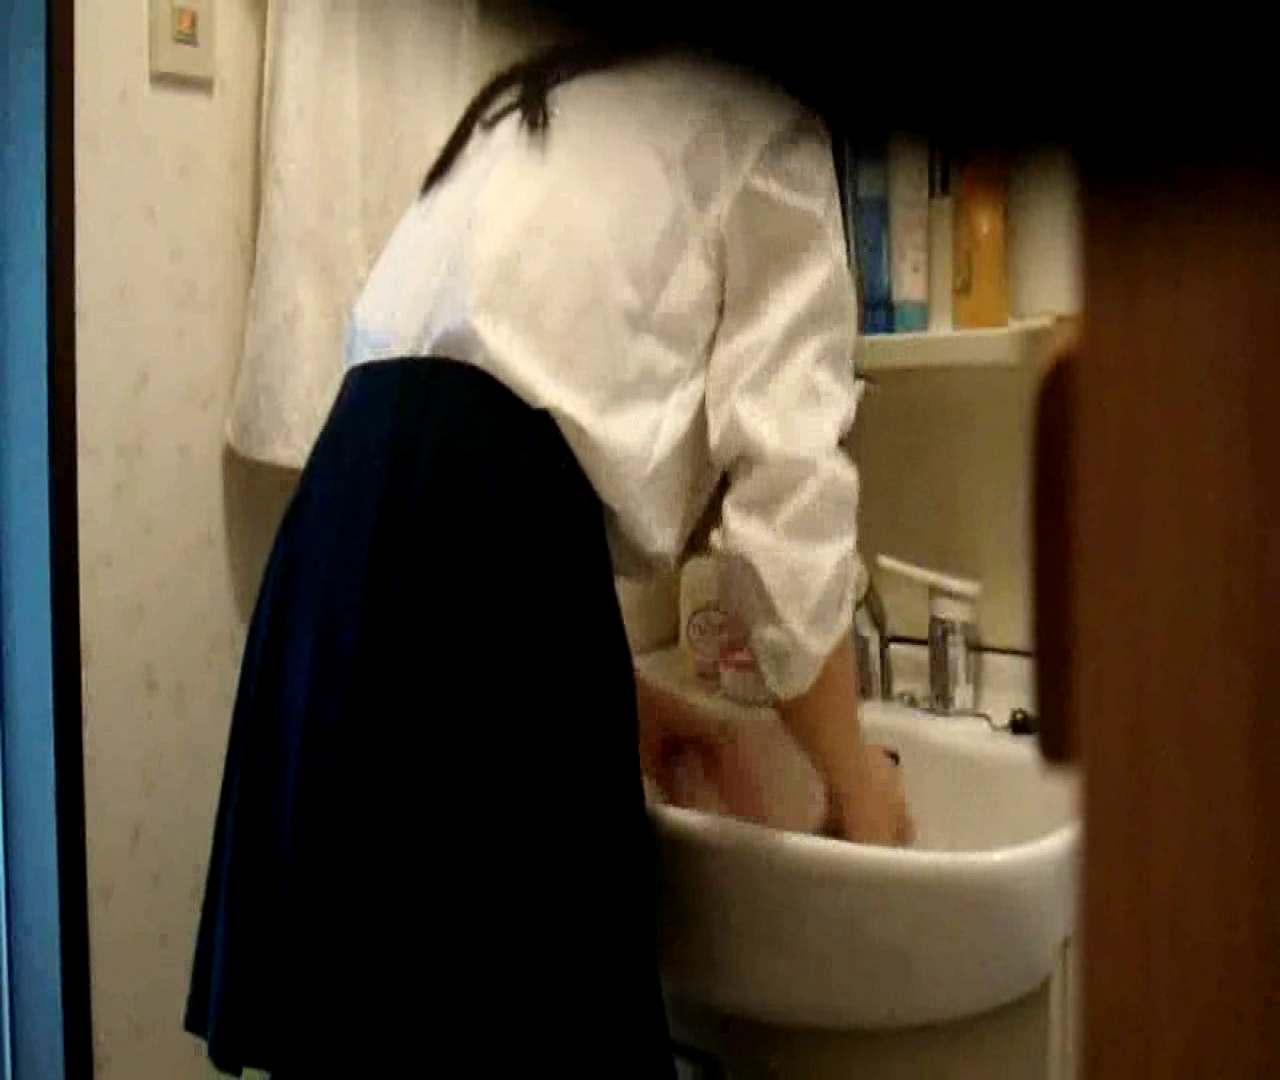 二人とも育てた甲斐がありました… vol.05 まどかが洗顔後にブラを洗濯 盗撮特集   おまんこ  86画像 9